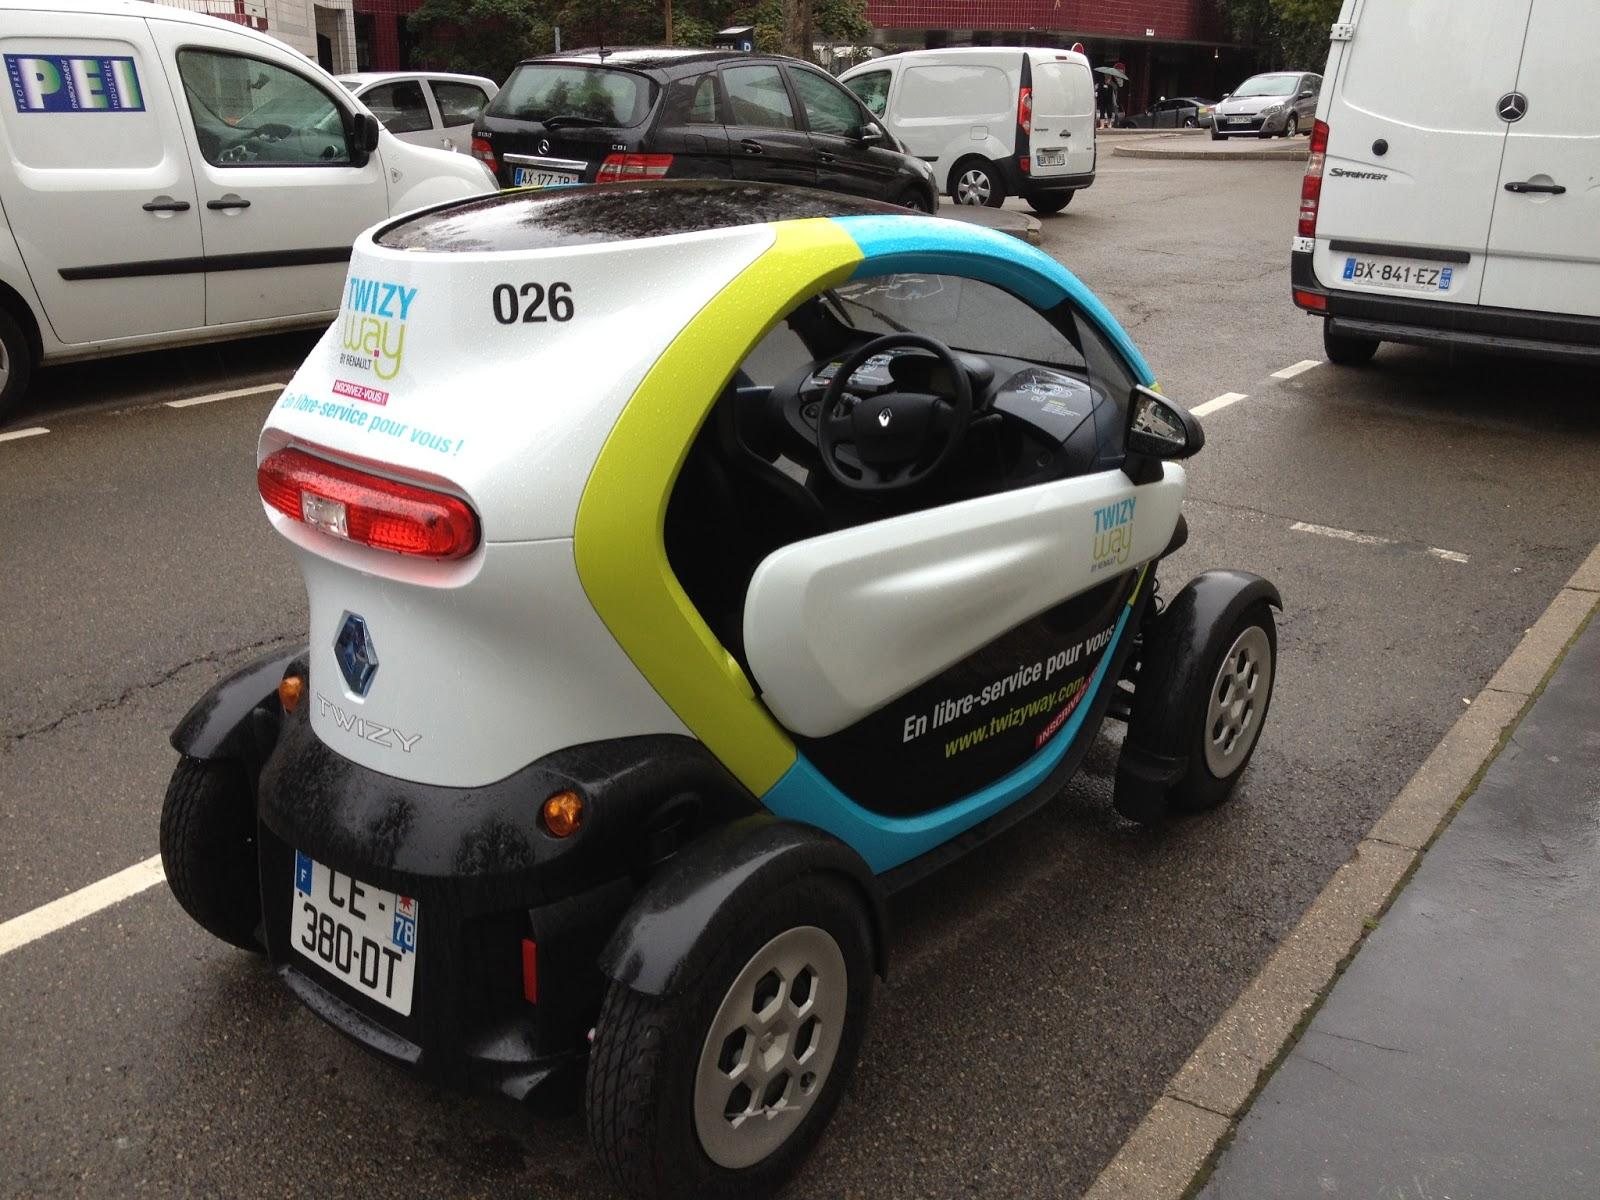 voiture du futur ecartec paris 2013 l autopartage reste. Black Bedroom Furniture Sets. Home Design Ideas